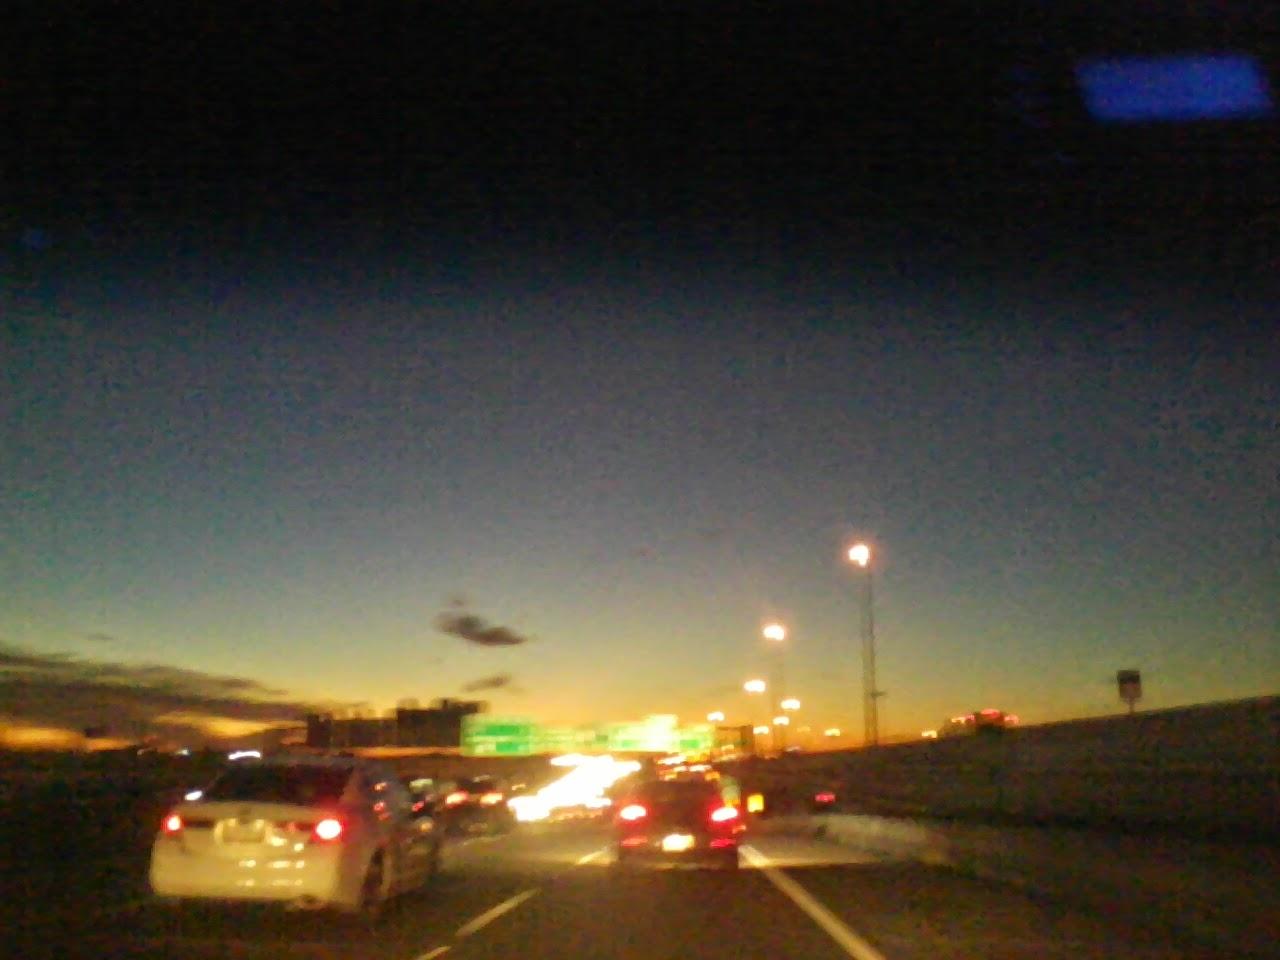 Sky - 0127063926.jpg